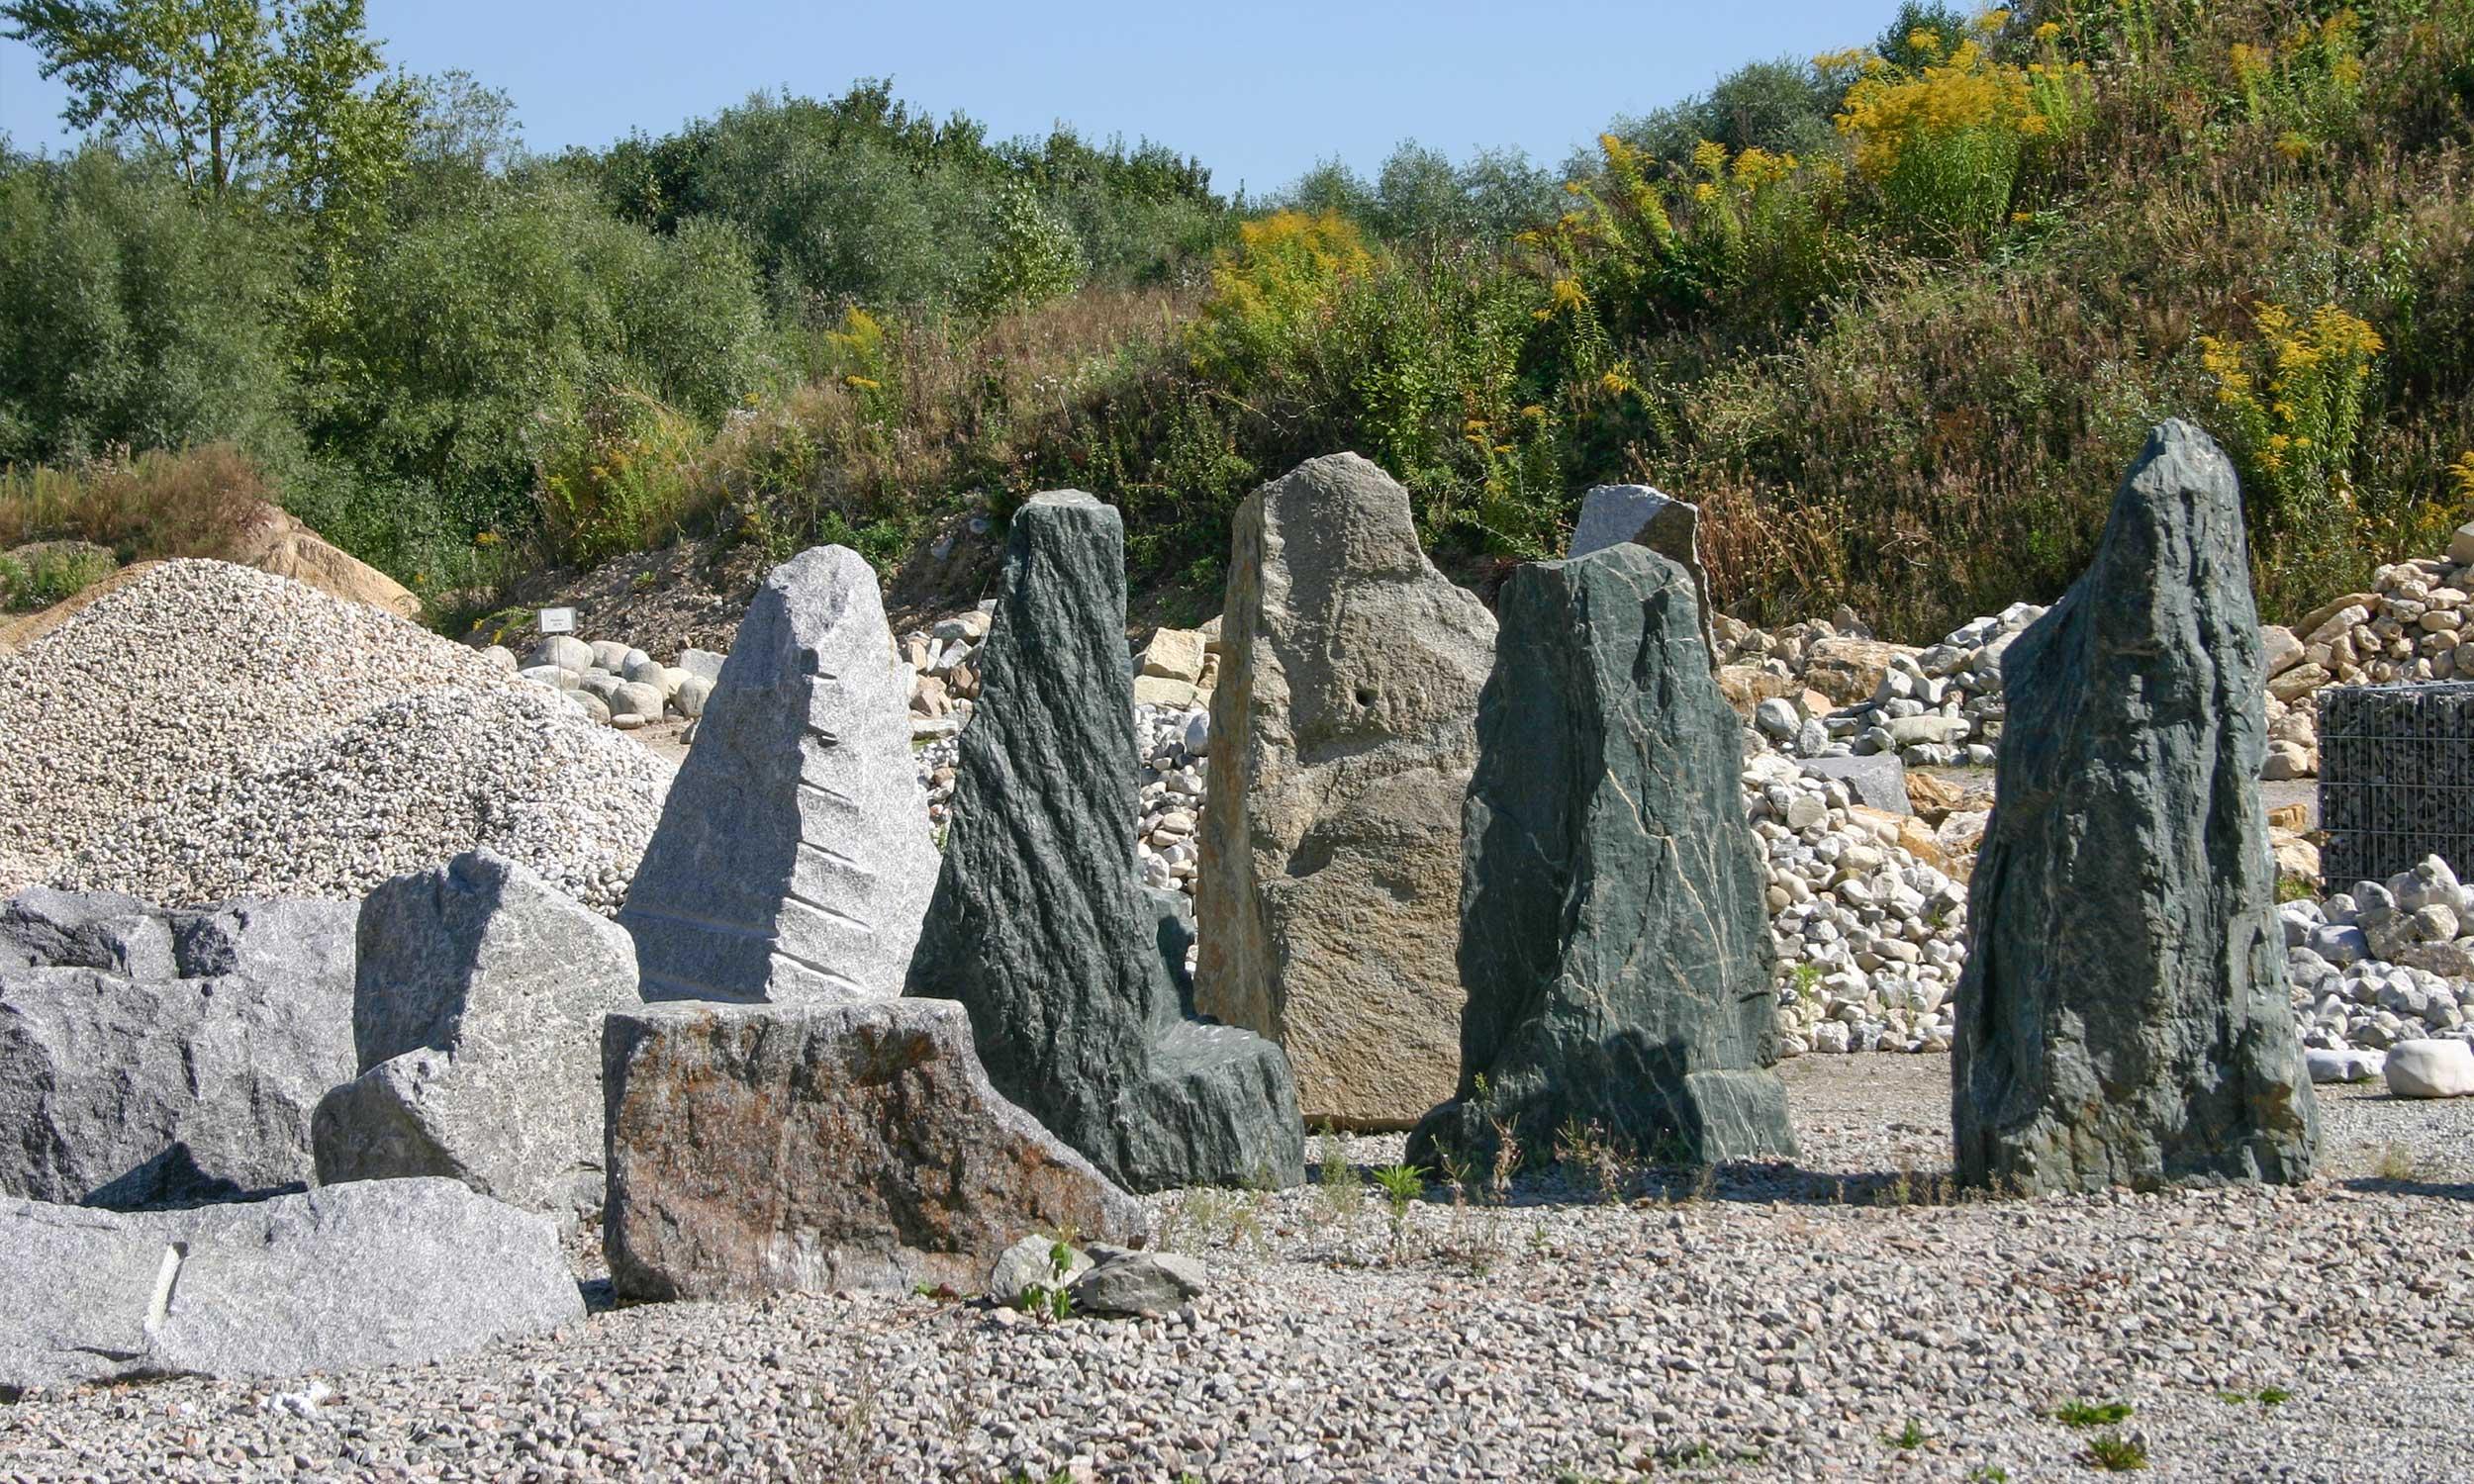 Home - Natursteine fur garten ...